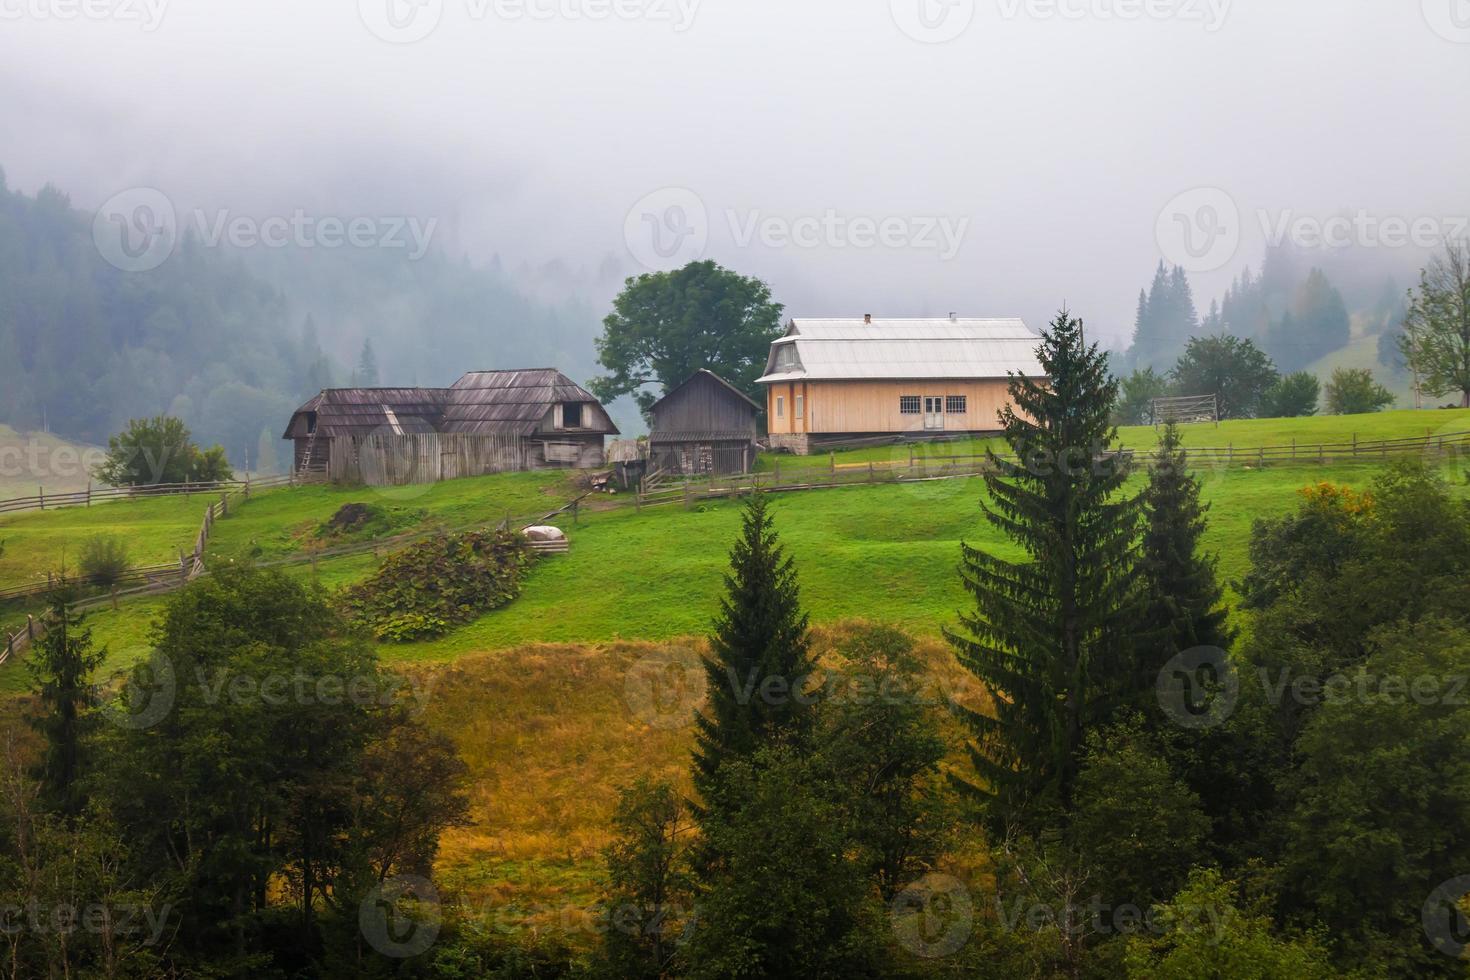 schönes Holzhaus auf einem grünen Hügel foto